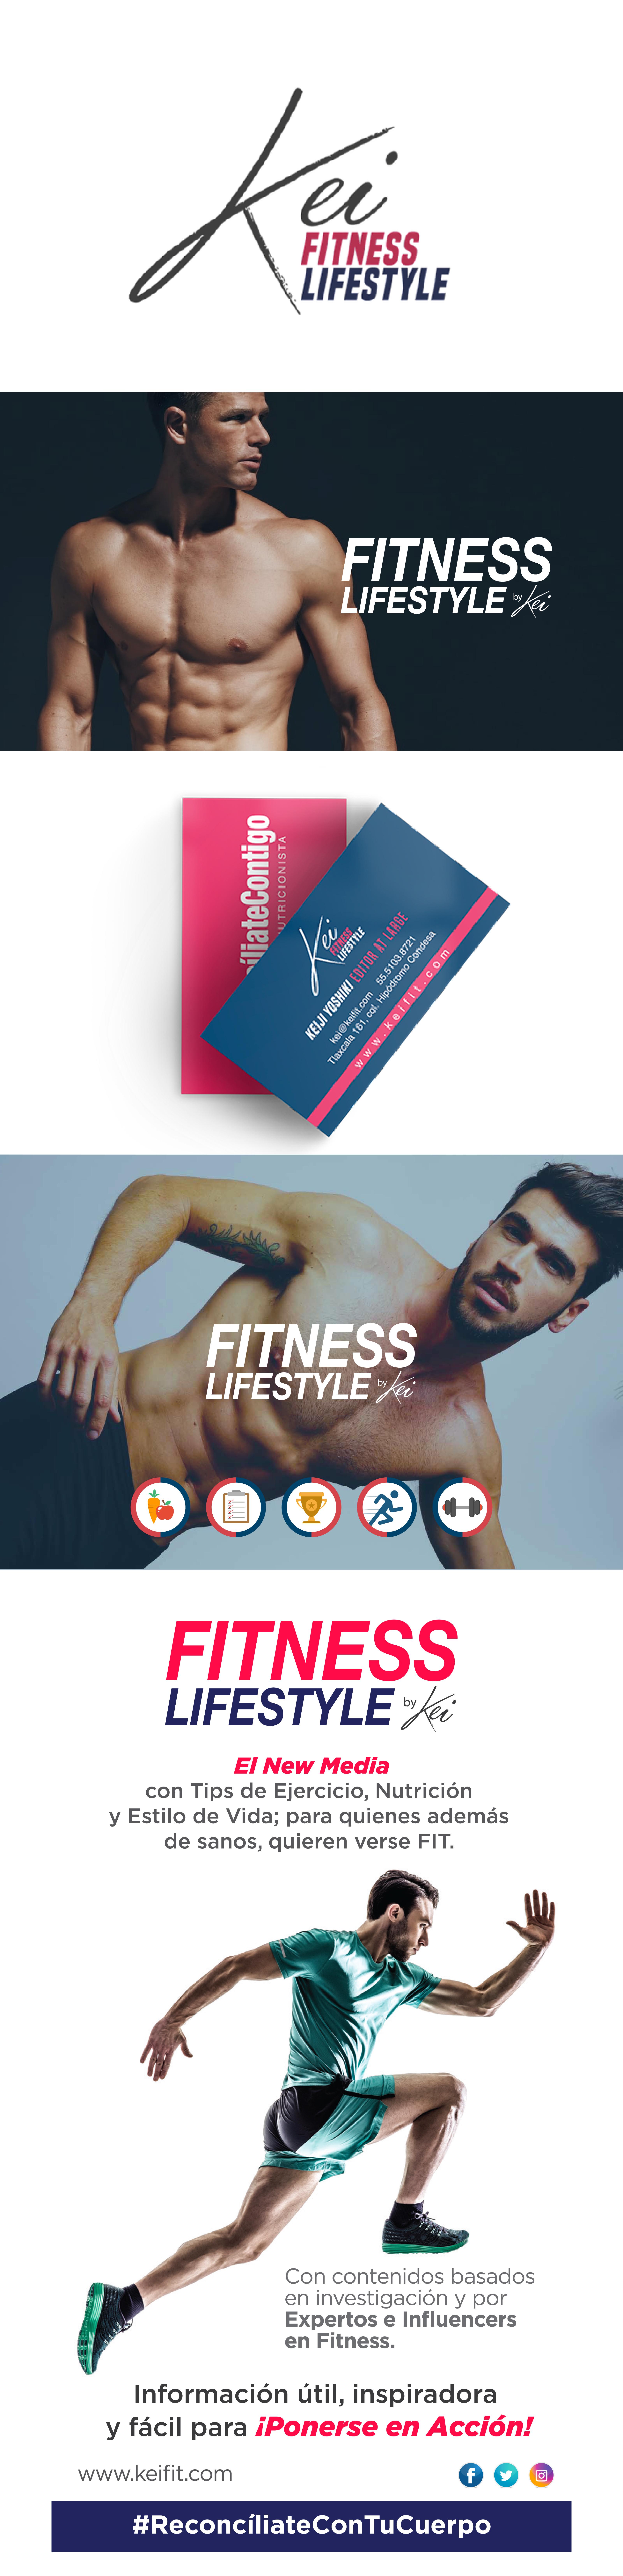 Diseño Imagen marca Fitness